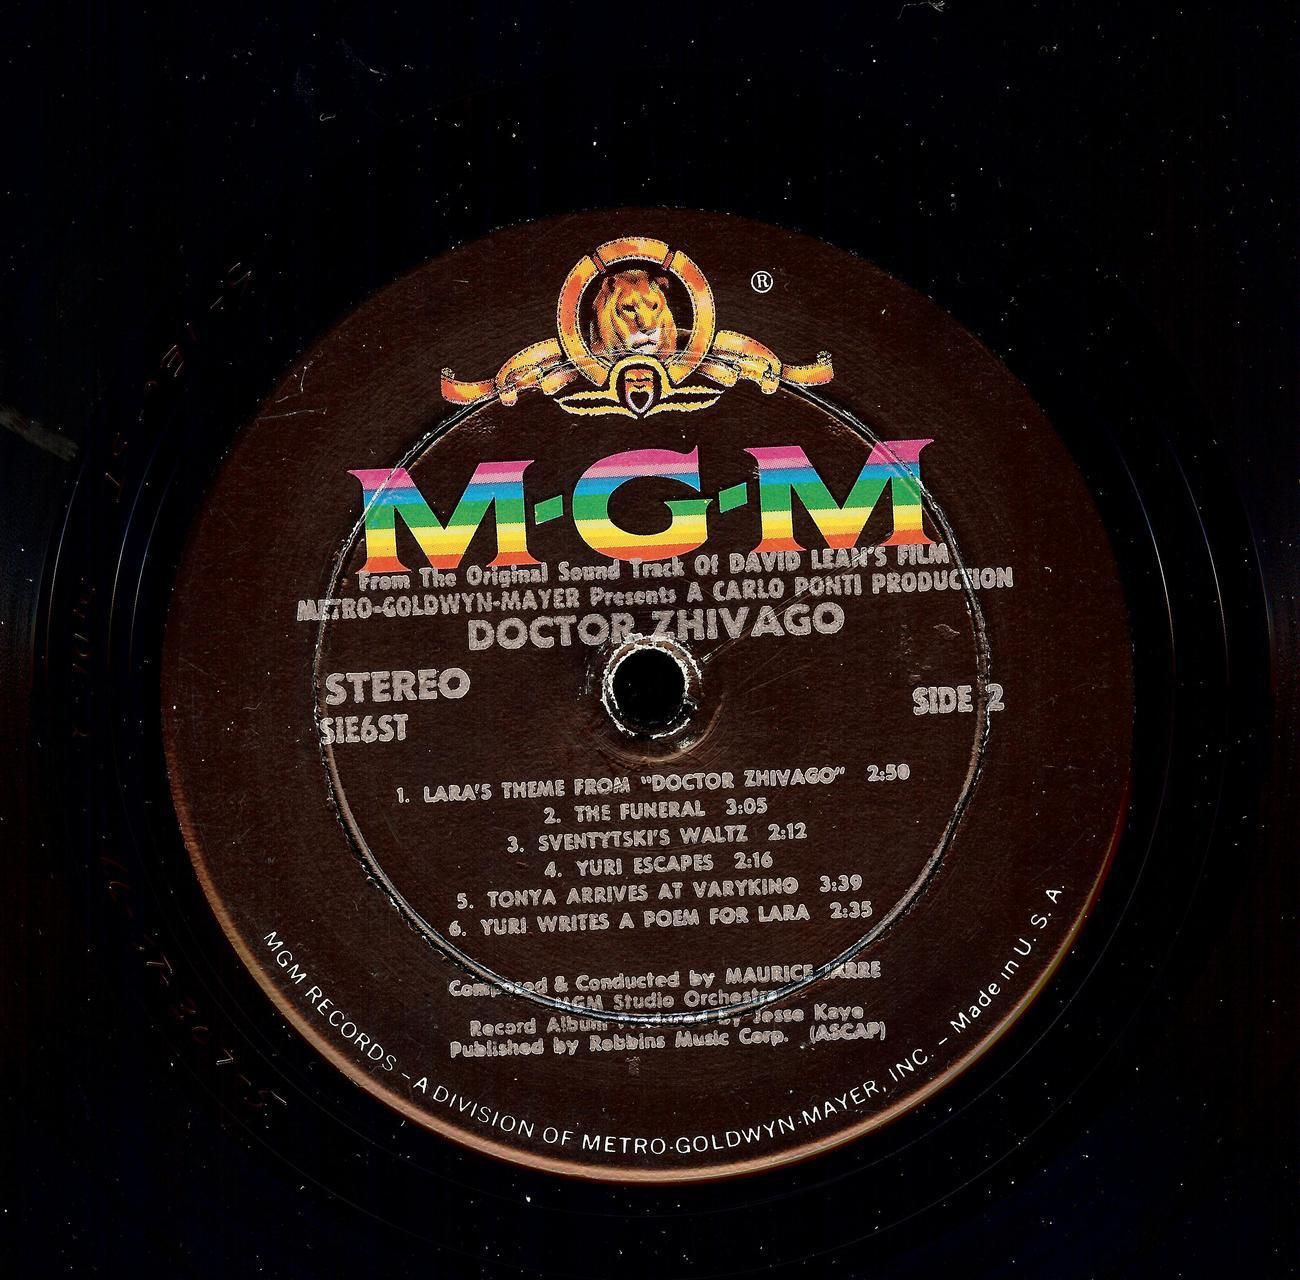 DOCTOR SHIVAGO,THE ORIGINAL SOUND TRACK ALBUM, 1966, MGM image 6